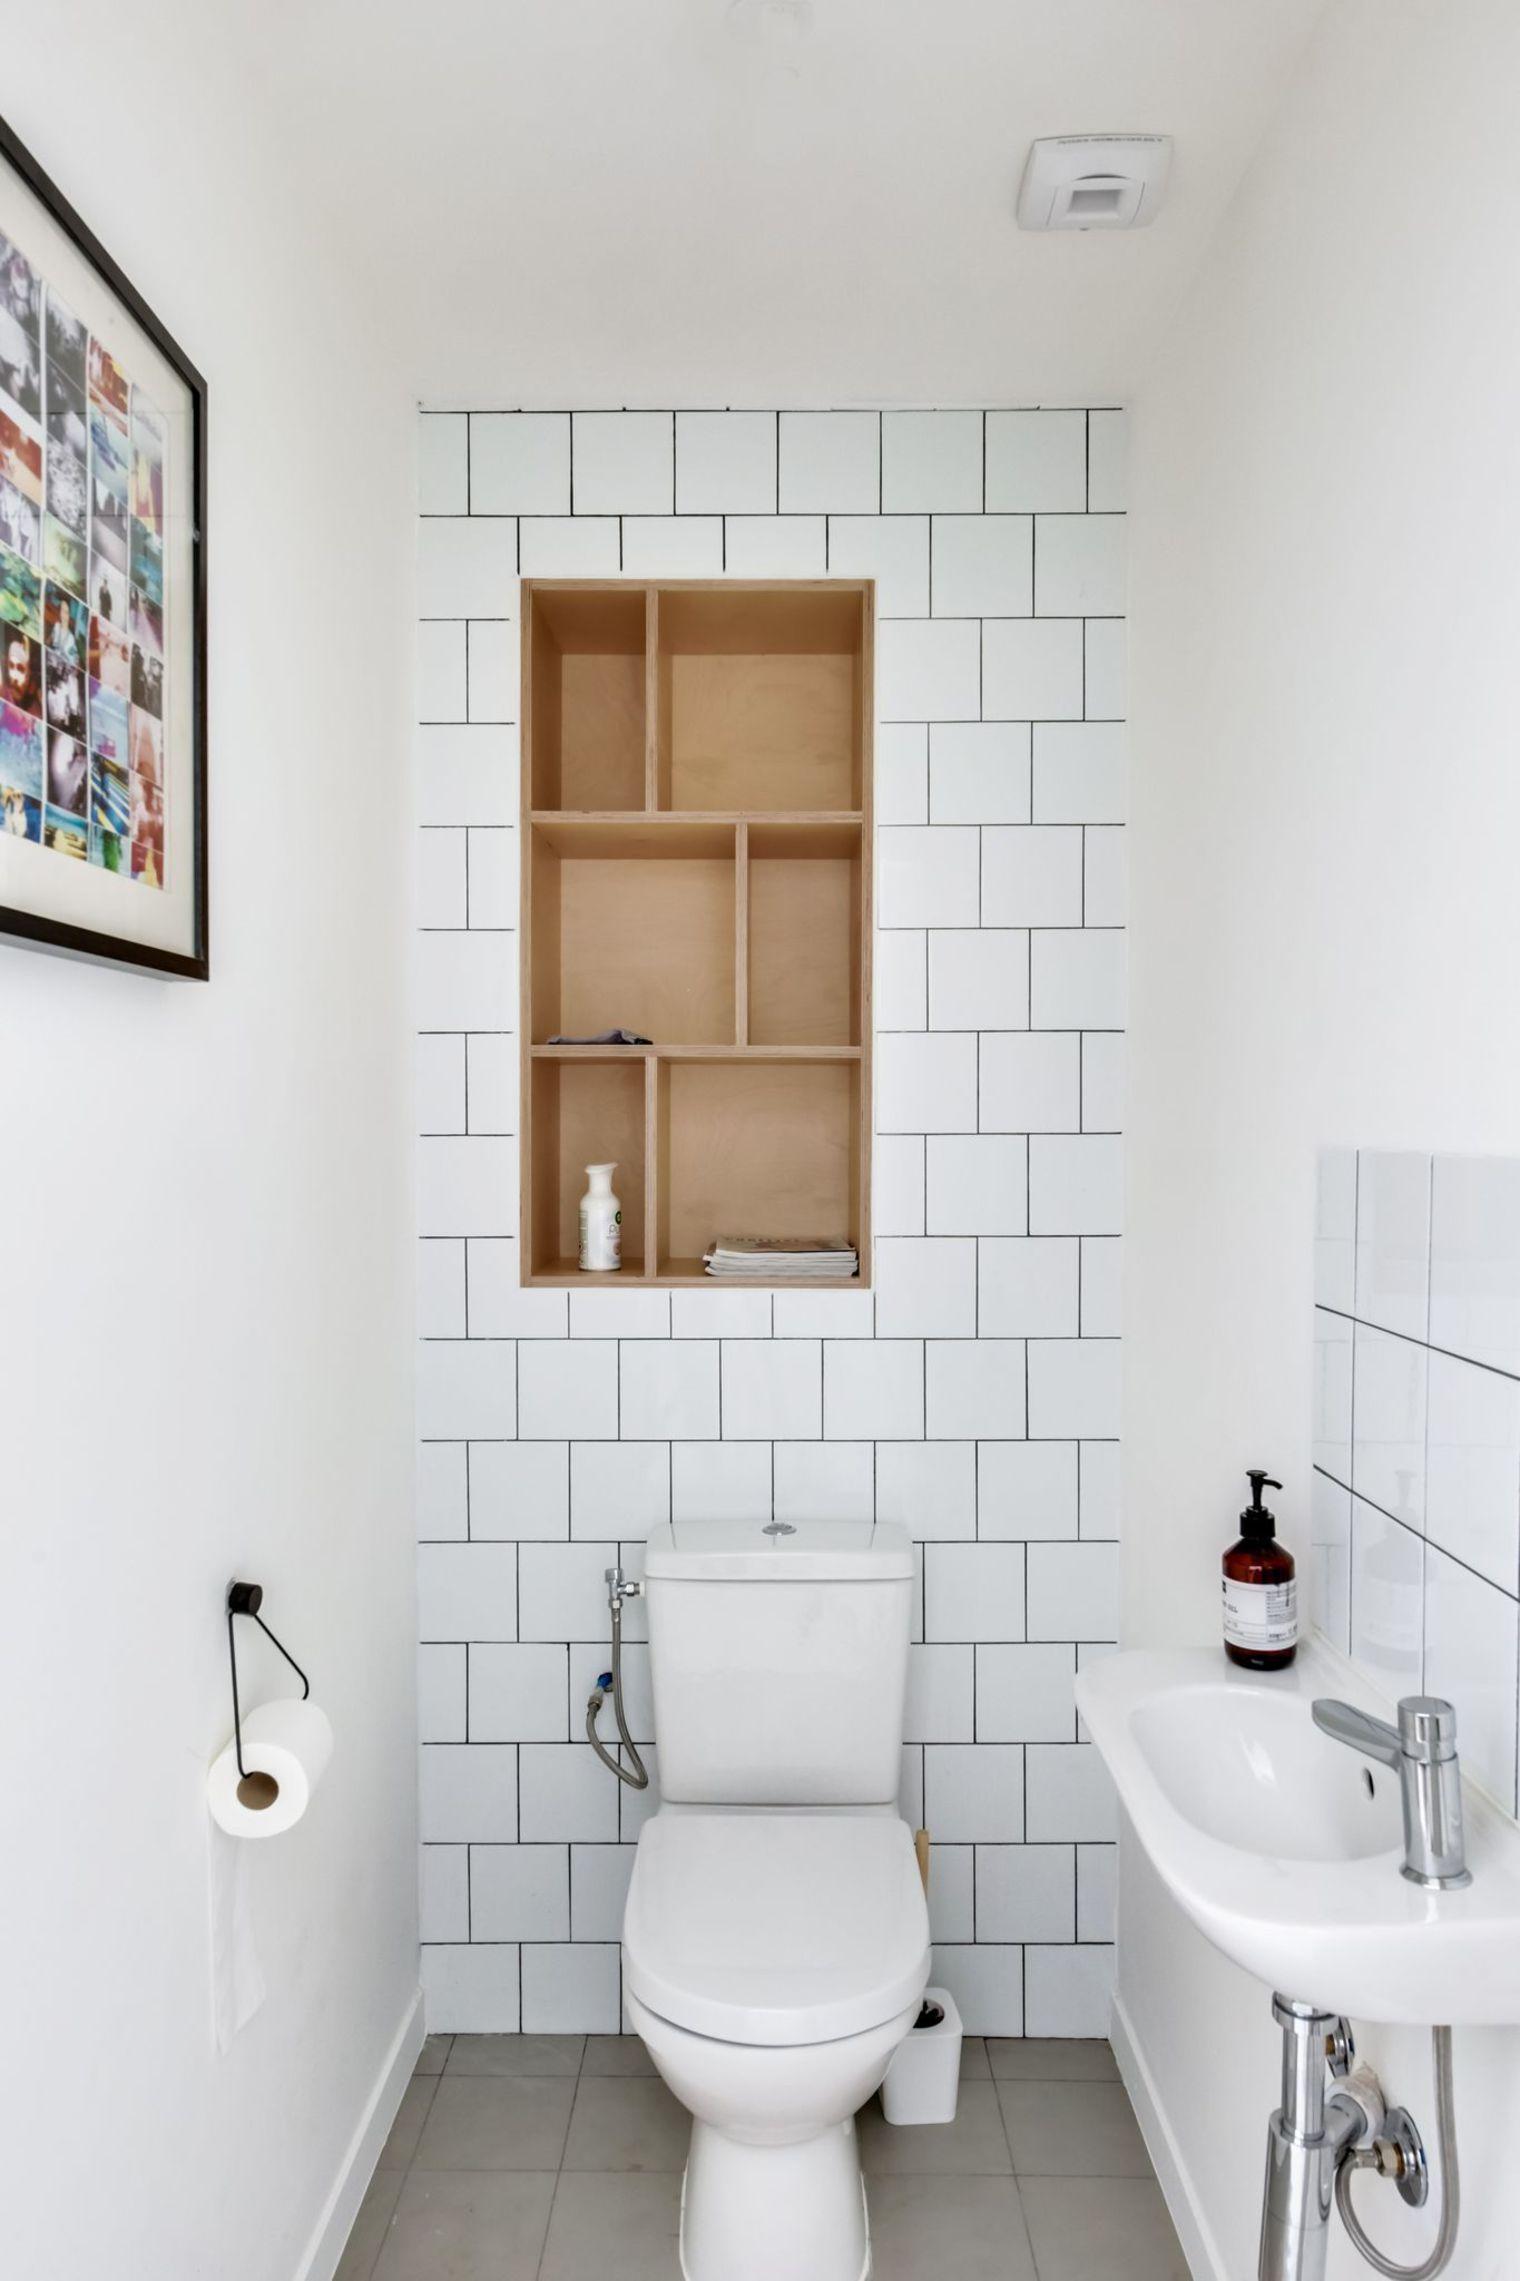 Une niche en bois bien pratique dans ces toilettes blanches ...